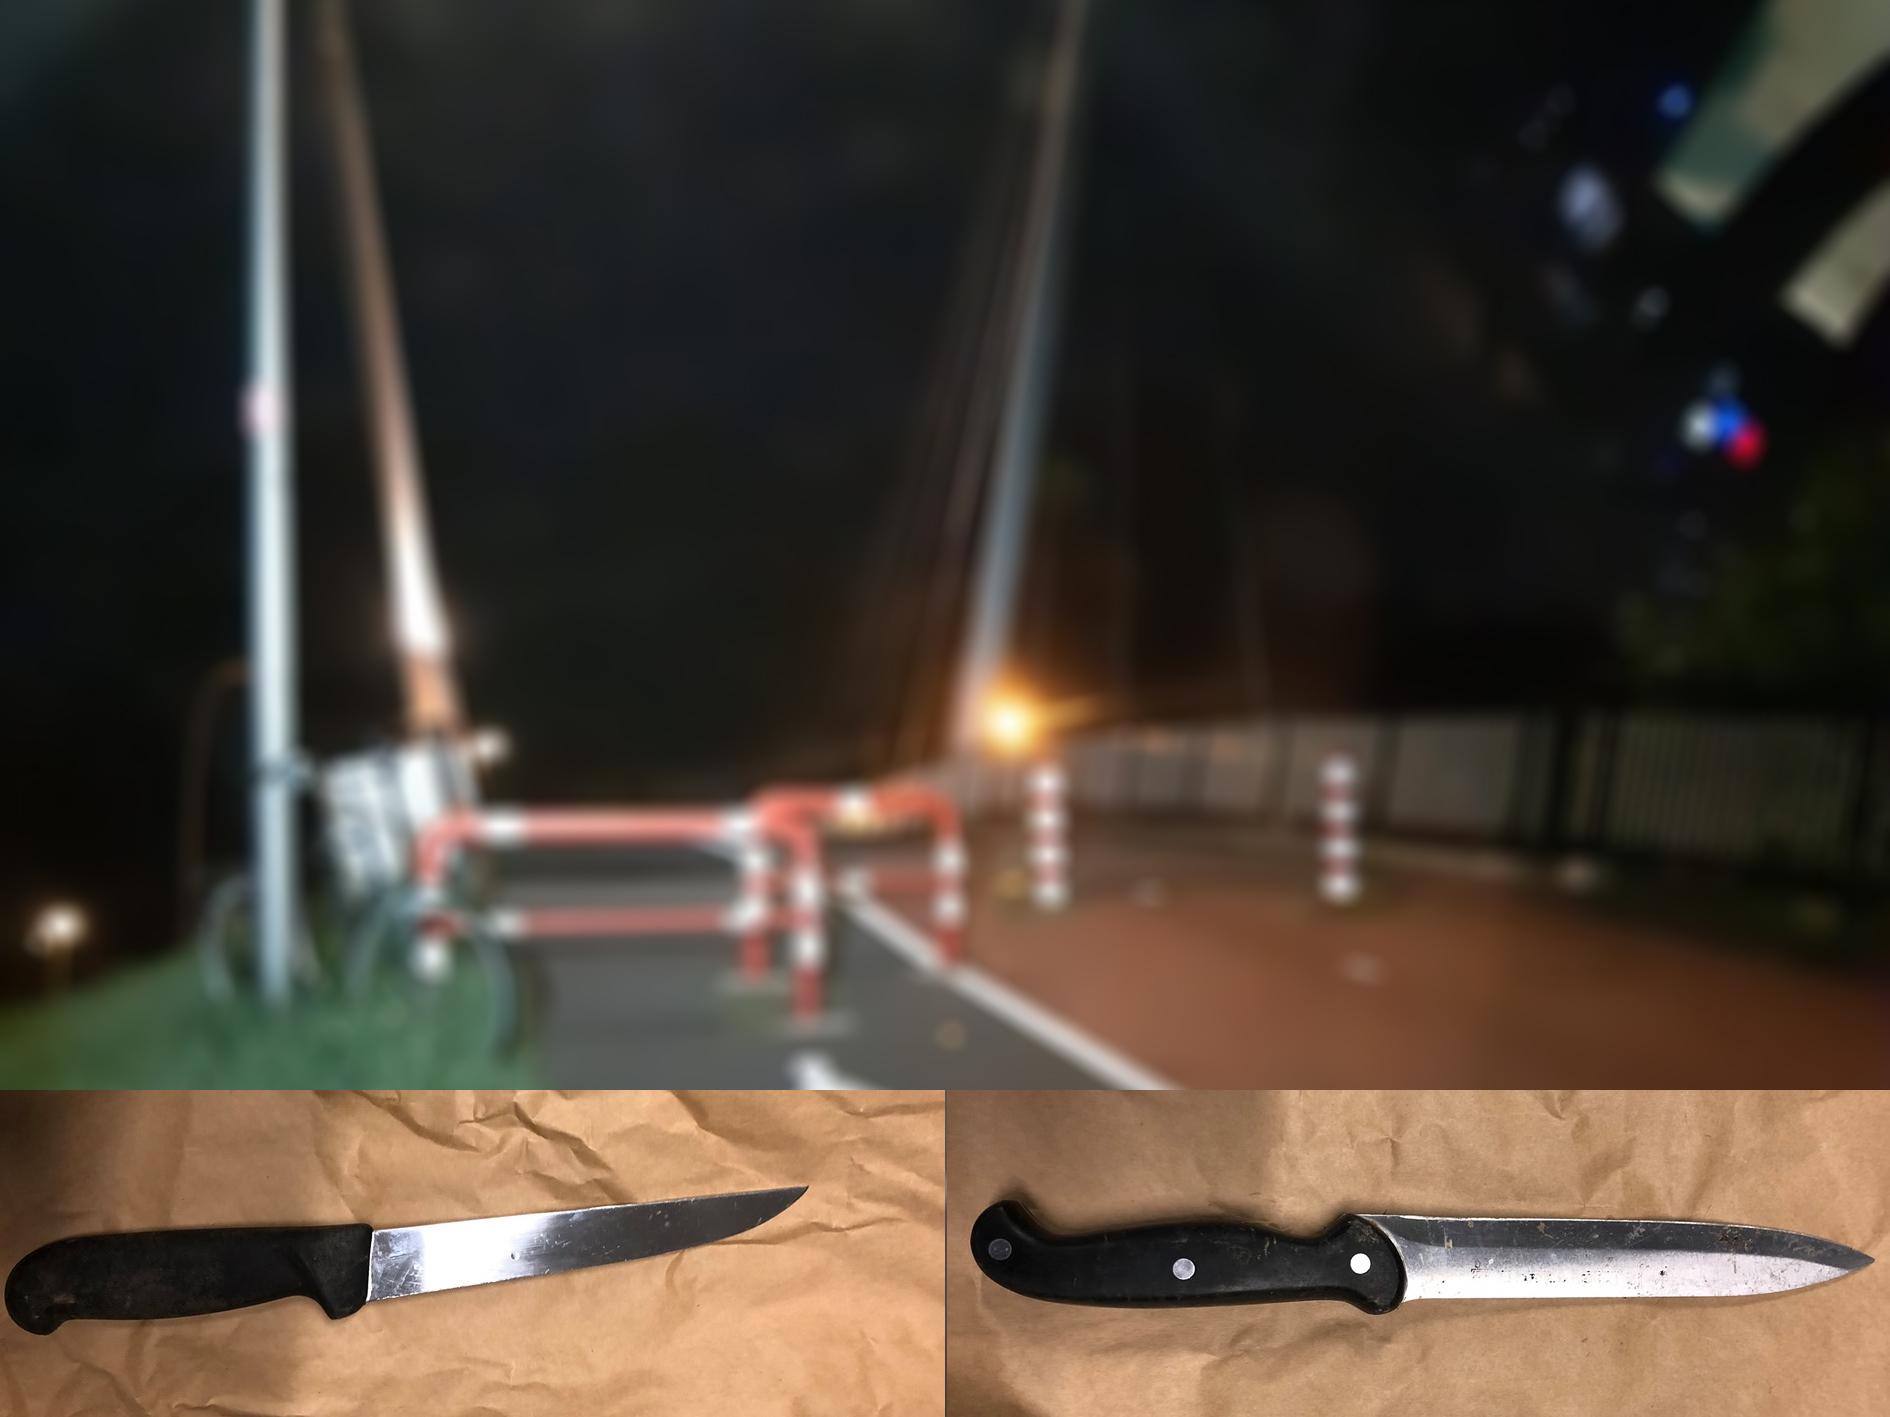 Beoogde slachtoffers overmeesteren gewapende straatrovers Barendrecht; Politie op zoek naar slachtoffers